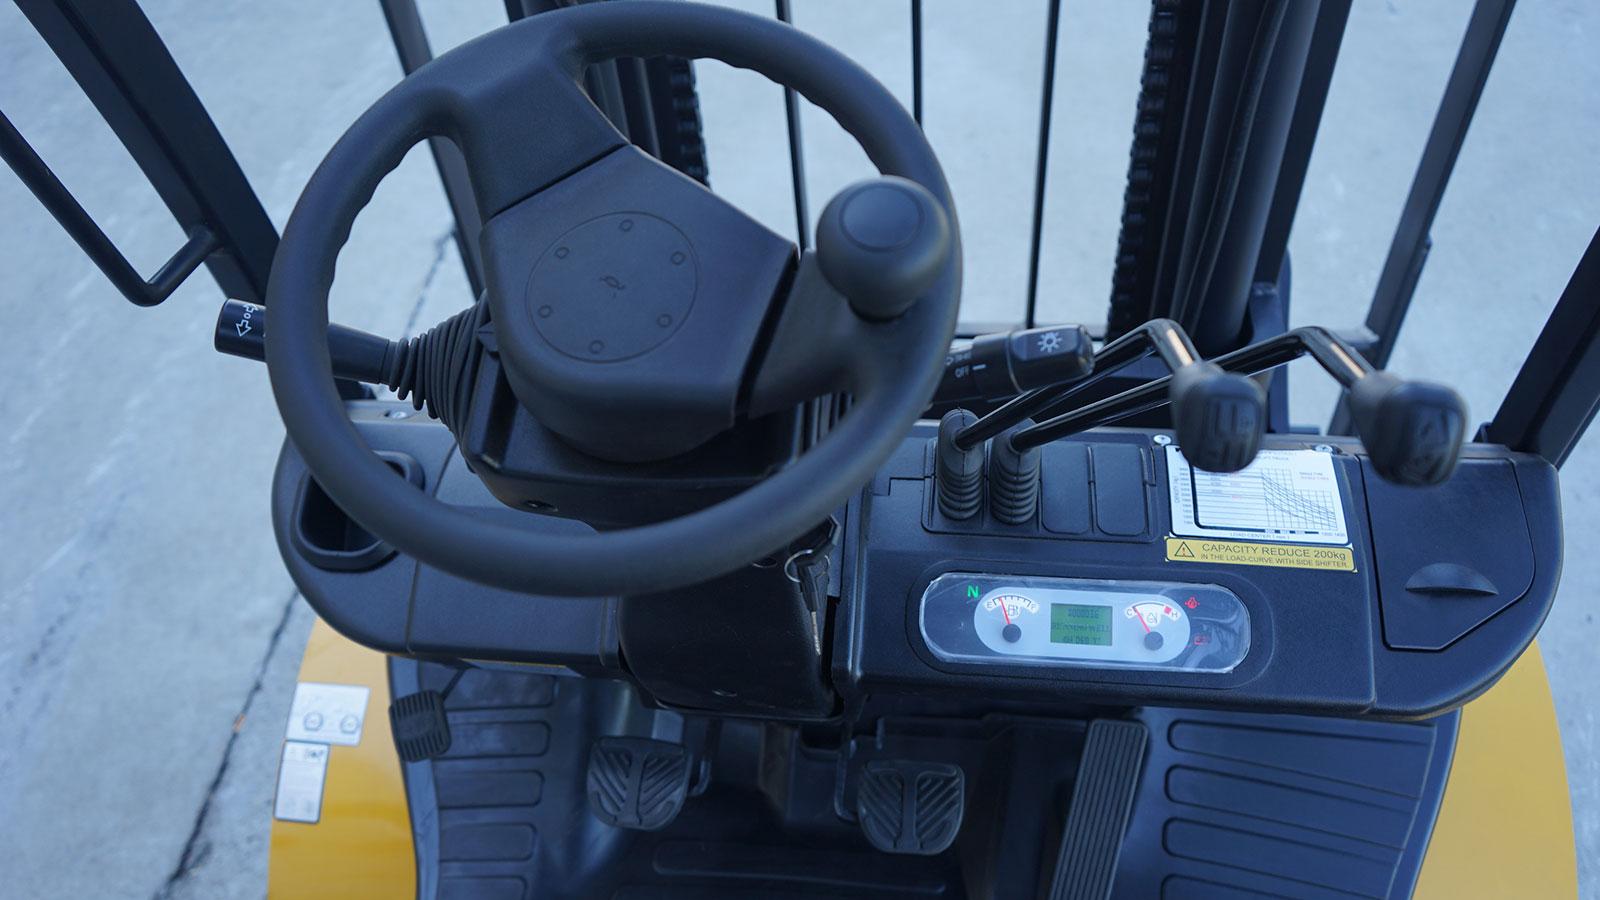 vô lăng xe nâng dầu mga forklift 3.0 tấn